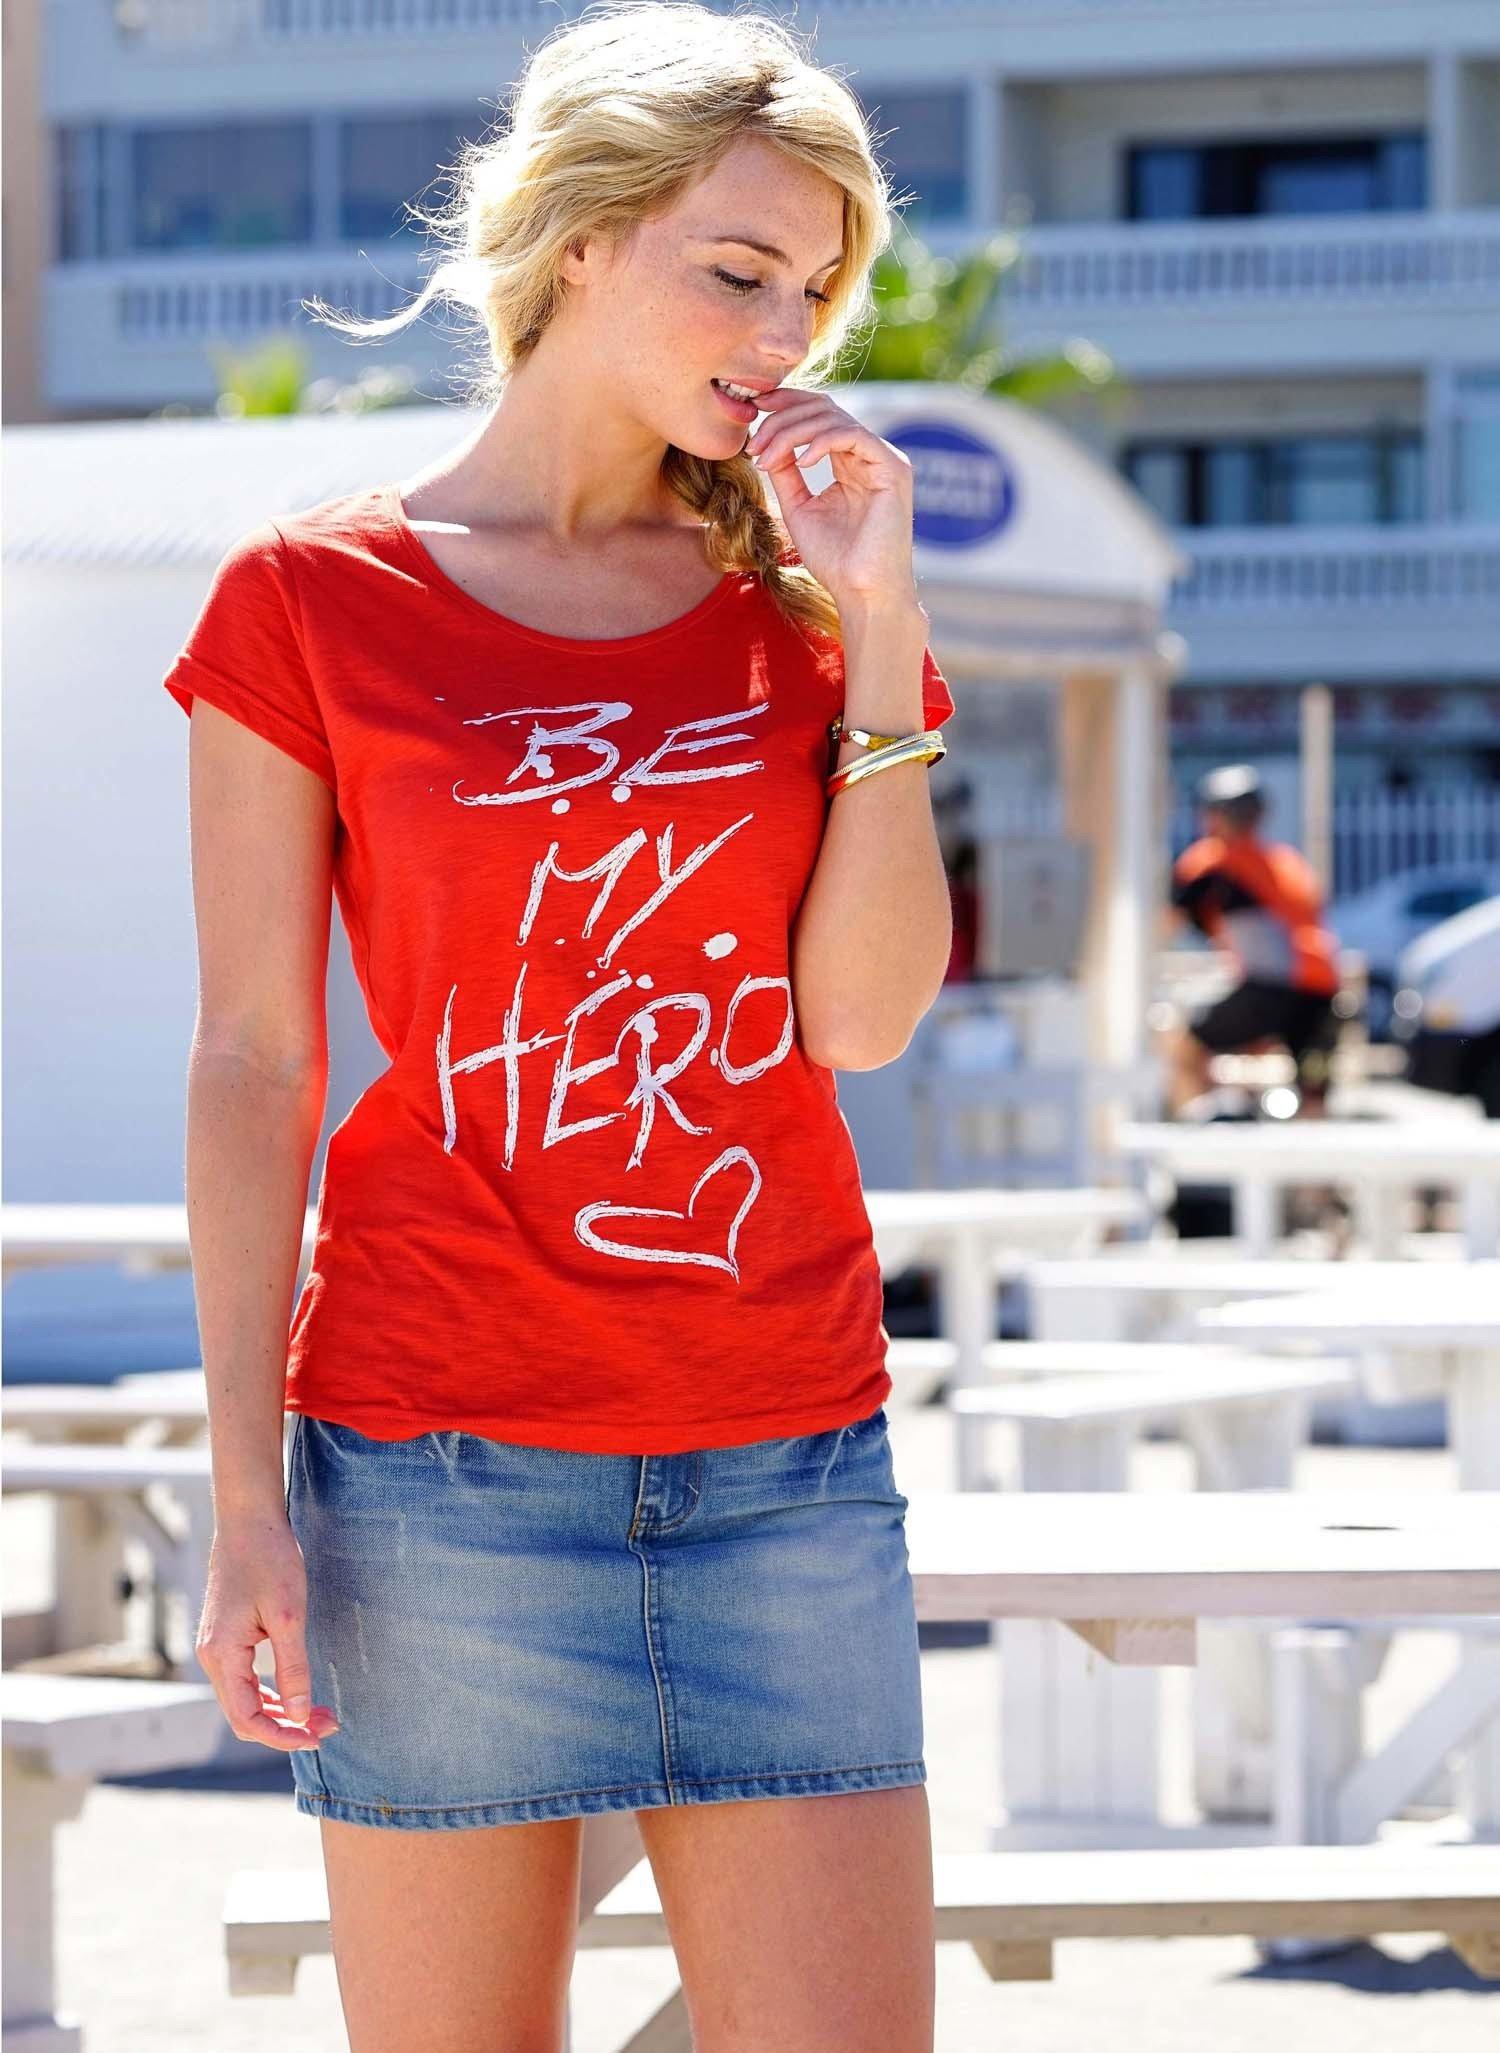 D-KA-Shirt,Herz-Print rot L 023 - 1 - Ronja.ch